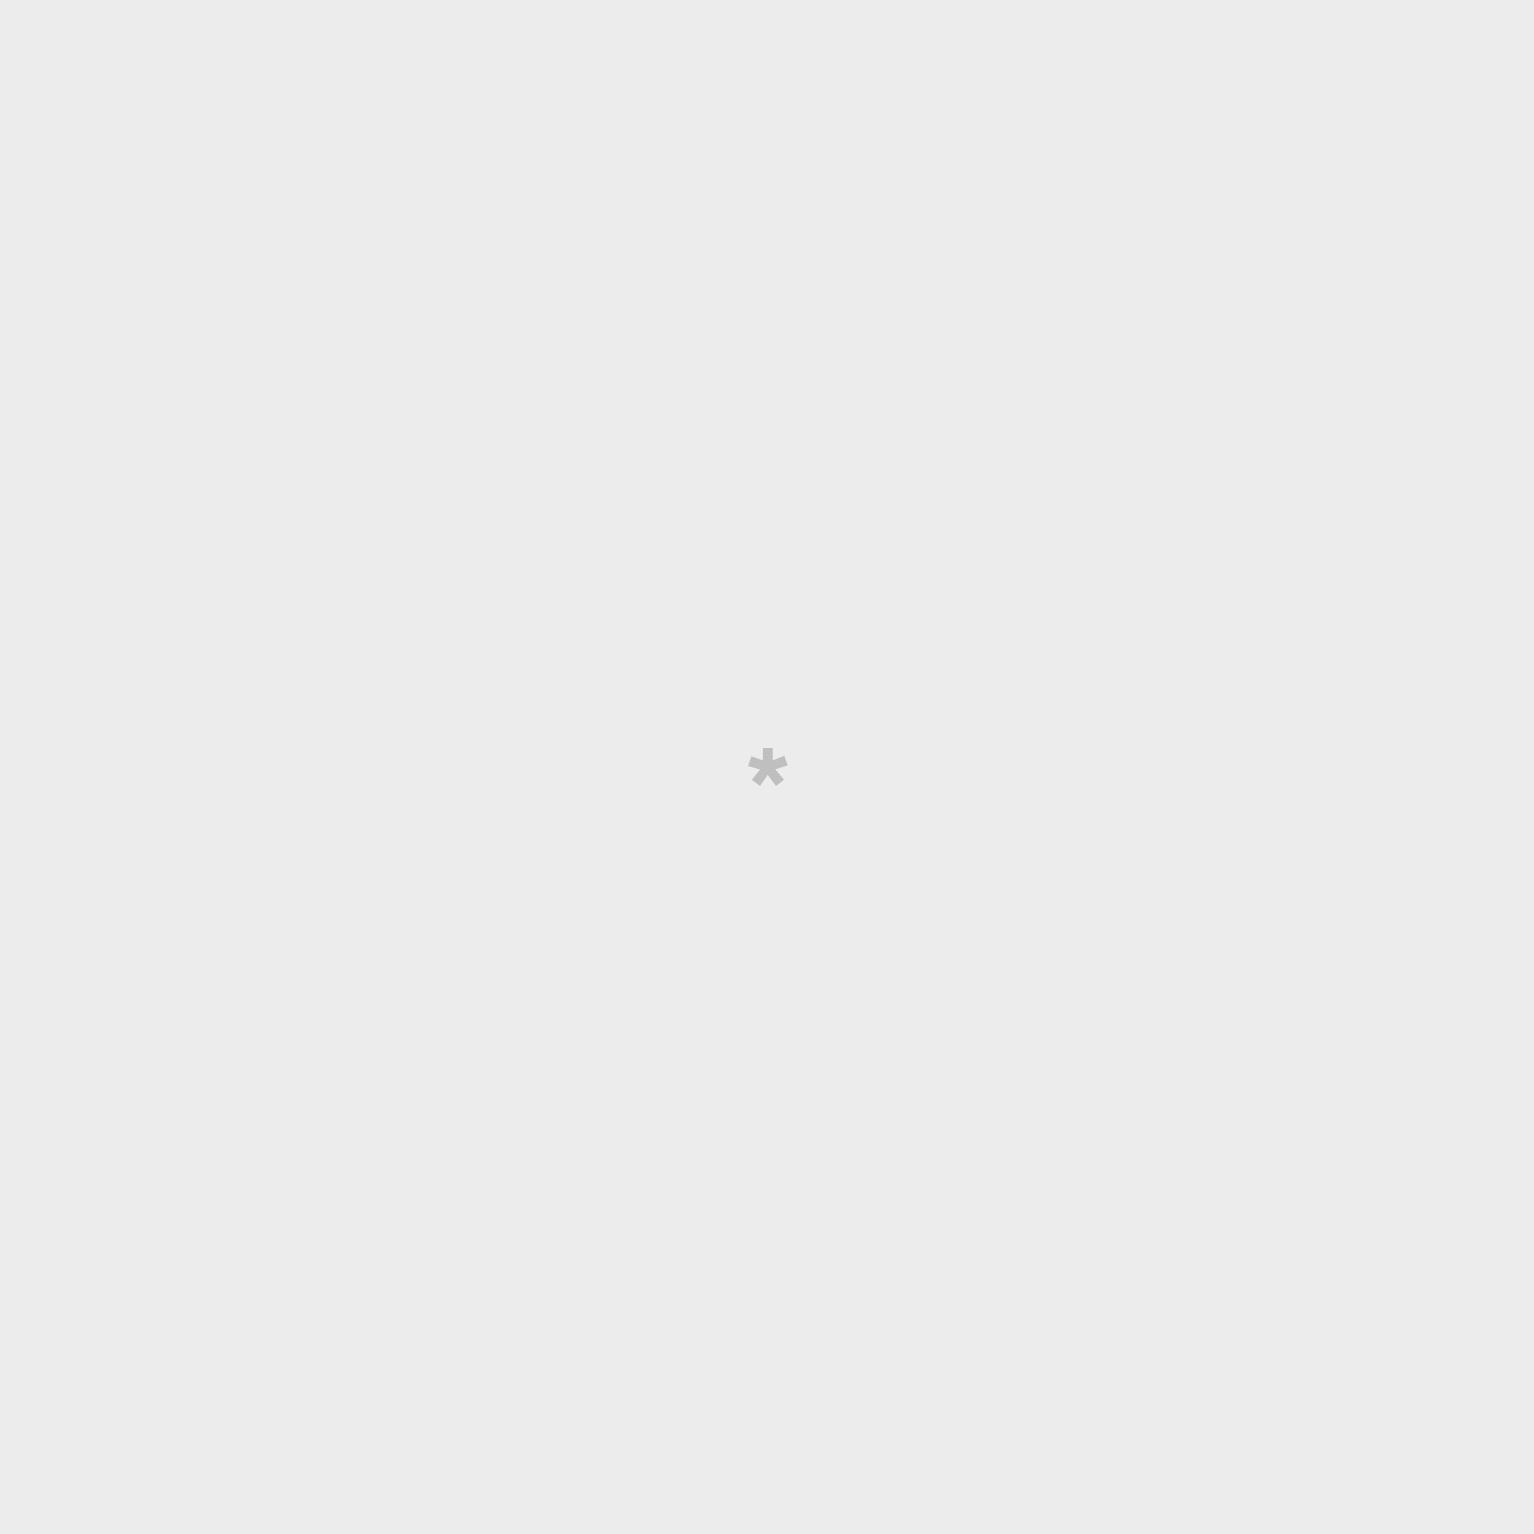 Libro con chocolatinas - Todas esas cosas que hacen que tengas ese no sé qué tan genial